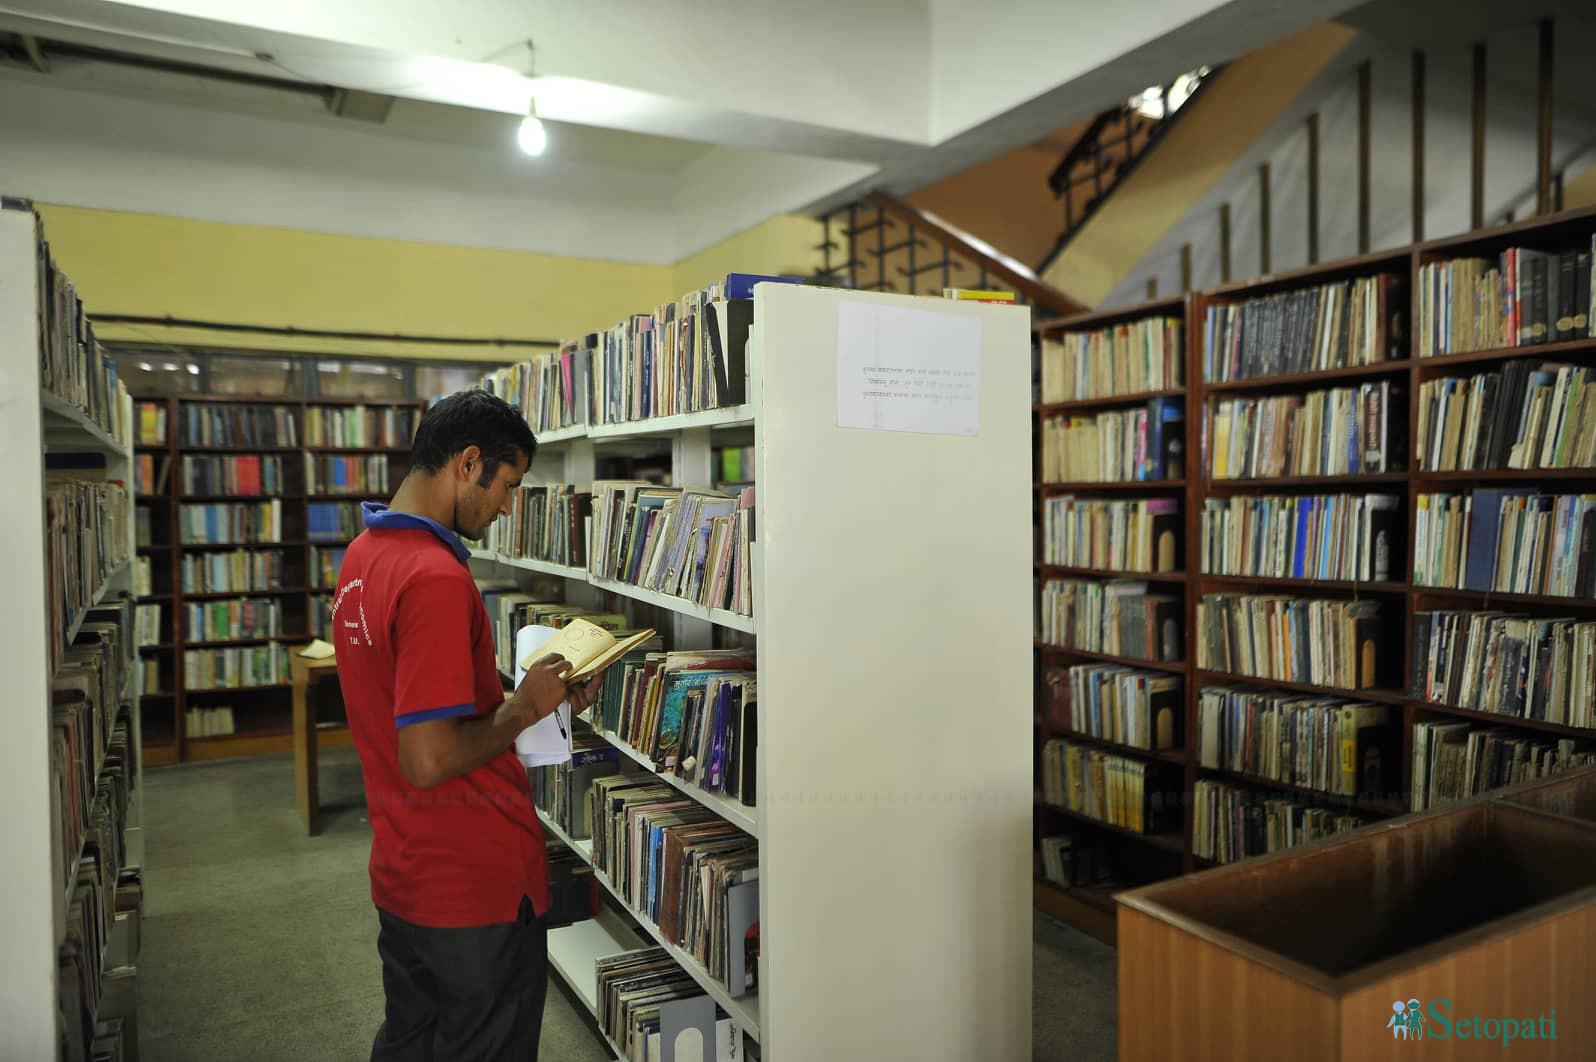 त्रिवि केन्द्रीय पुस्तकालयमा पुस्तक पढ्दै एक युवा।तस्बिरः नारायण महर्जन